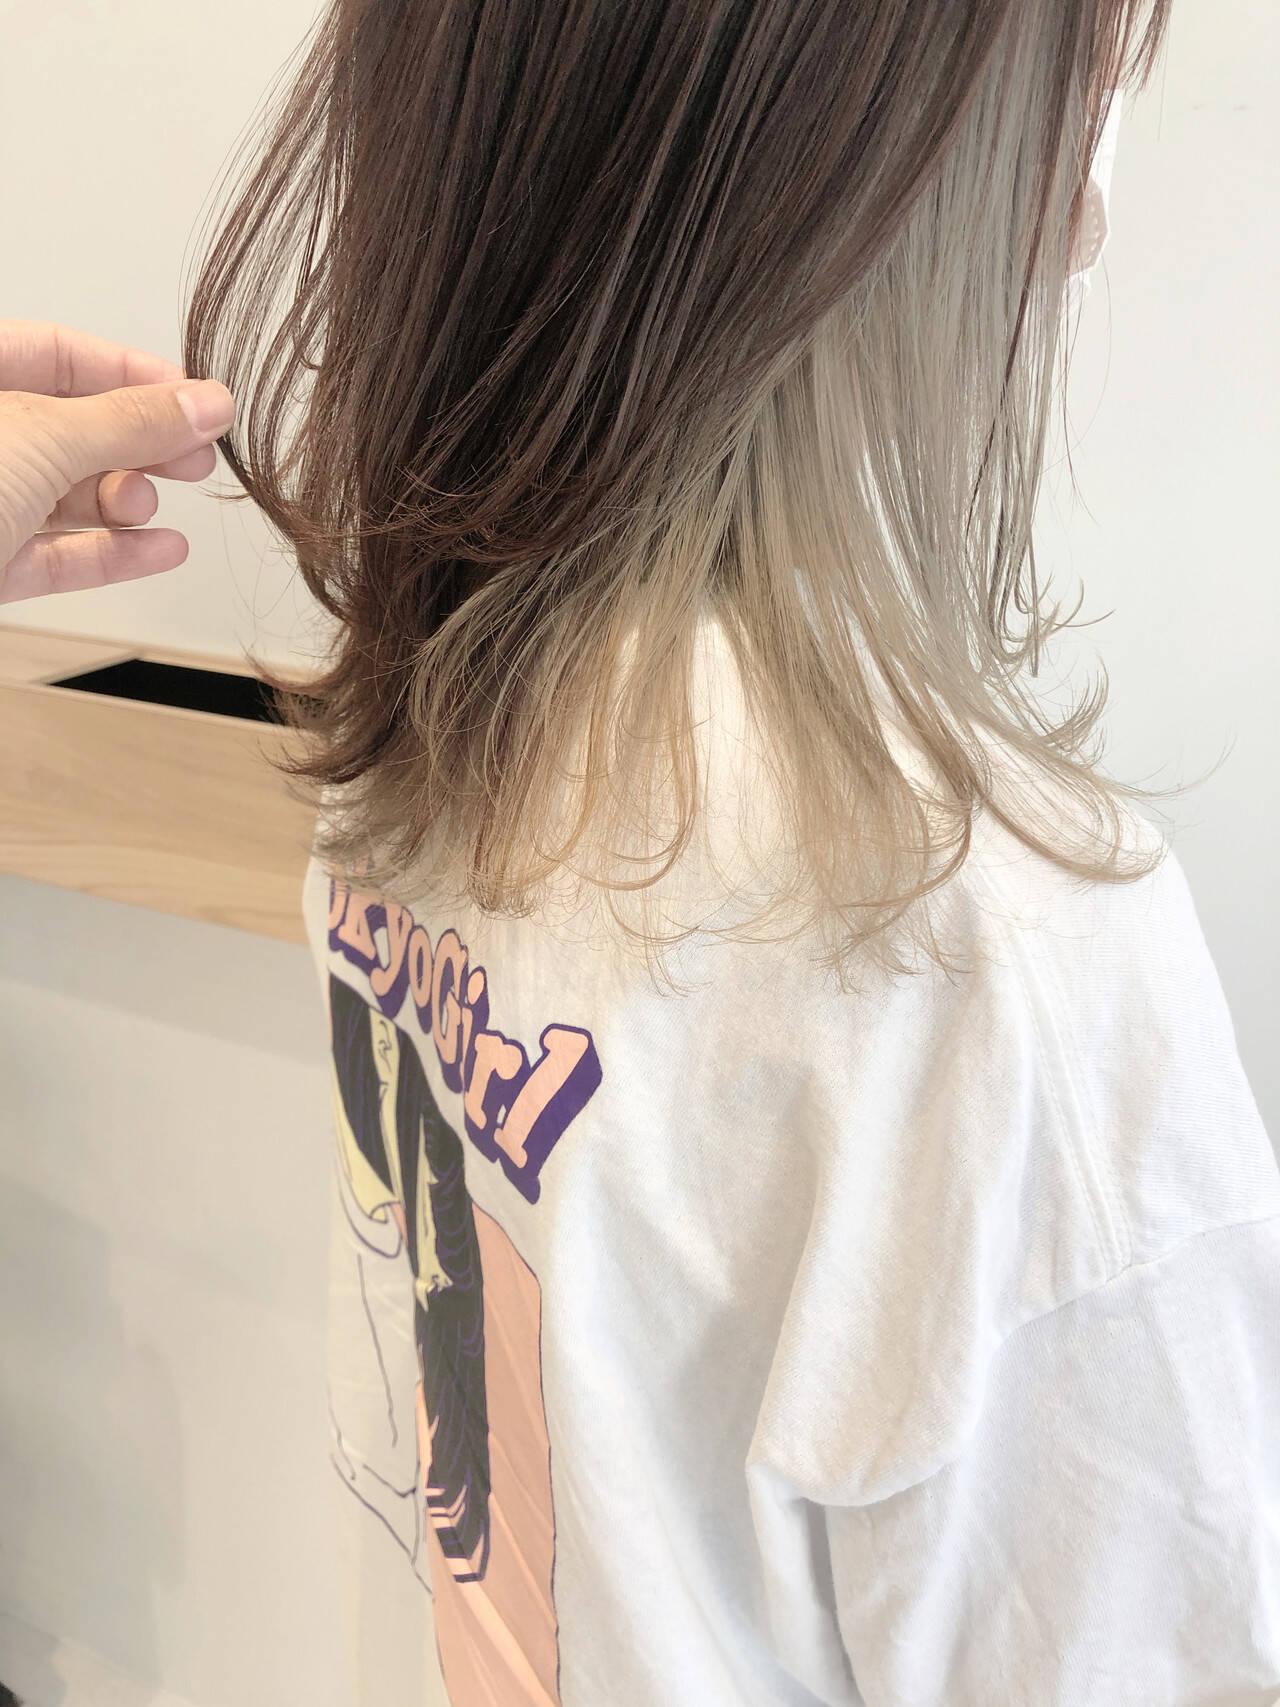 極細ハイライト セミロング ハイライト インナーカラーヘアスタイルや髪型の写真・画像